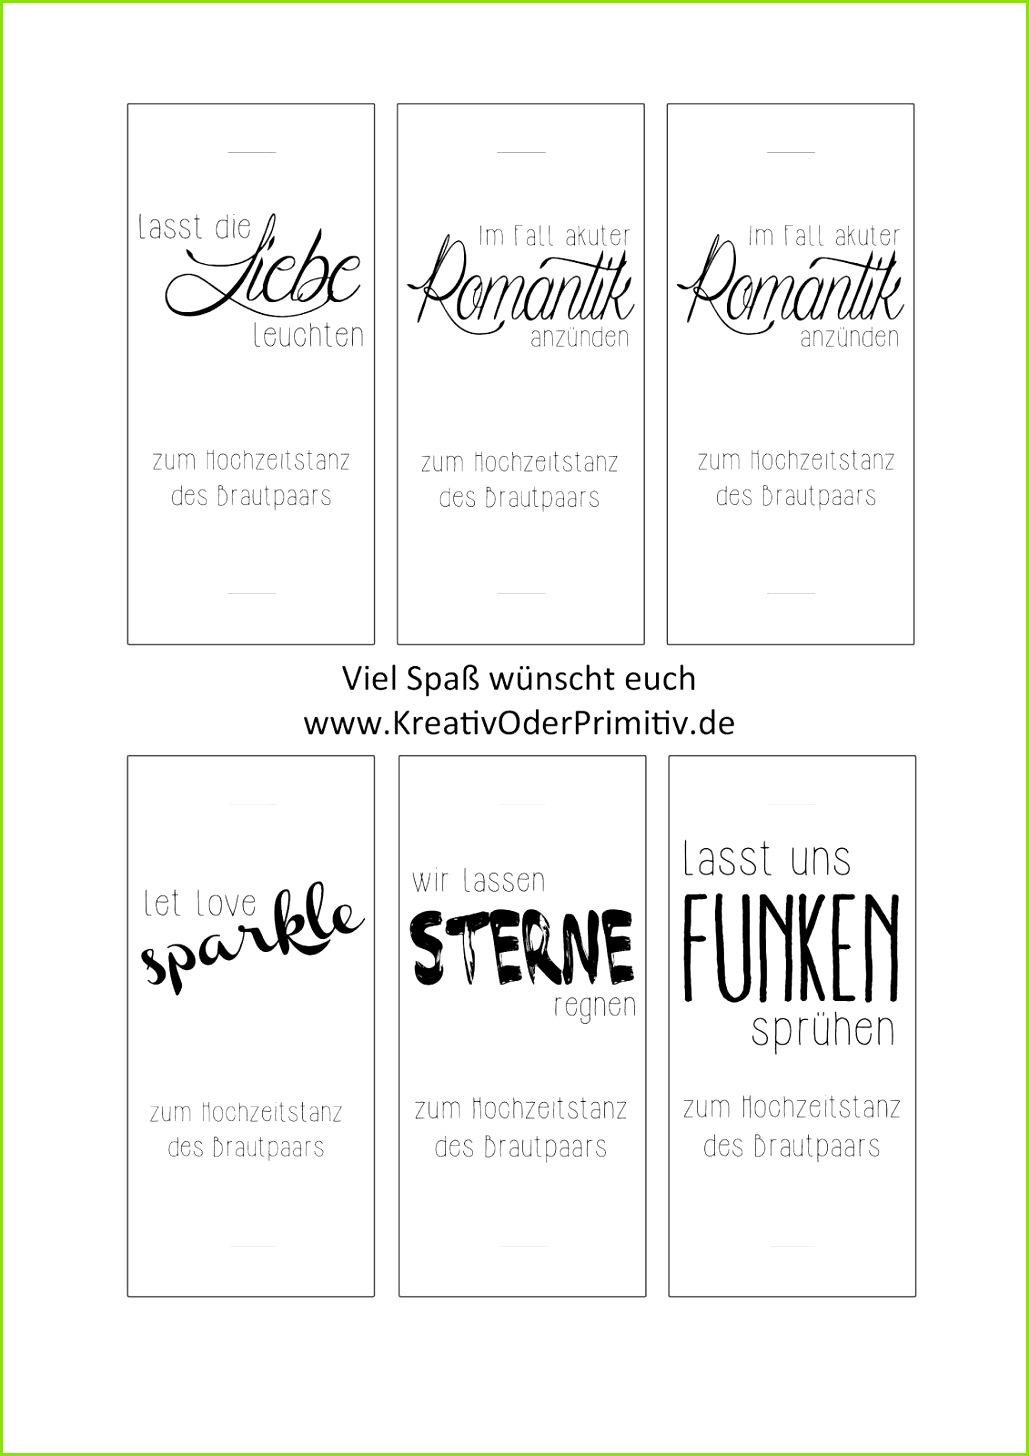 Engel Vorlagen Zum Ausdrucken Kostenlos Vorlage Hochzeitskarte Neu Media Image 0d 59 82 Hochzeitsordner